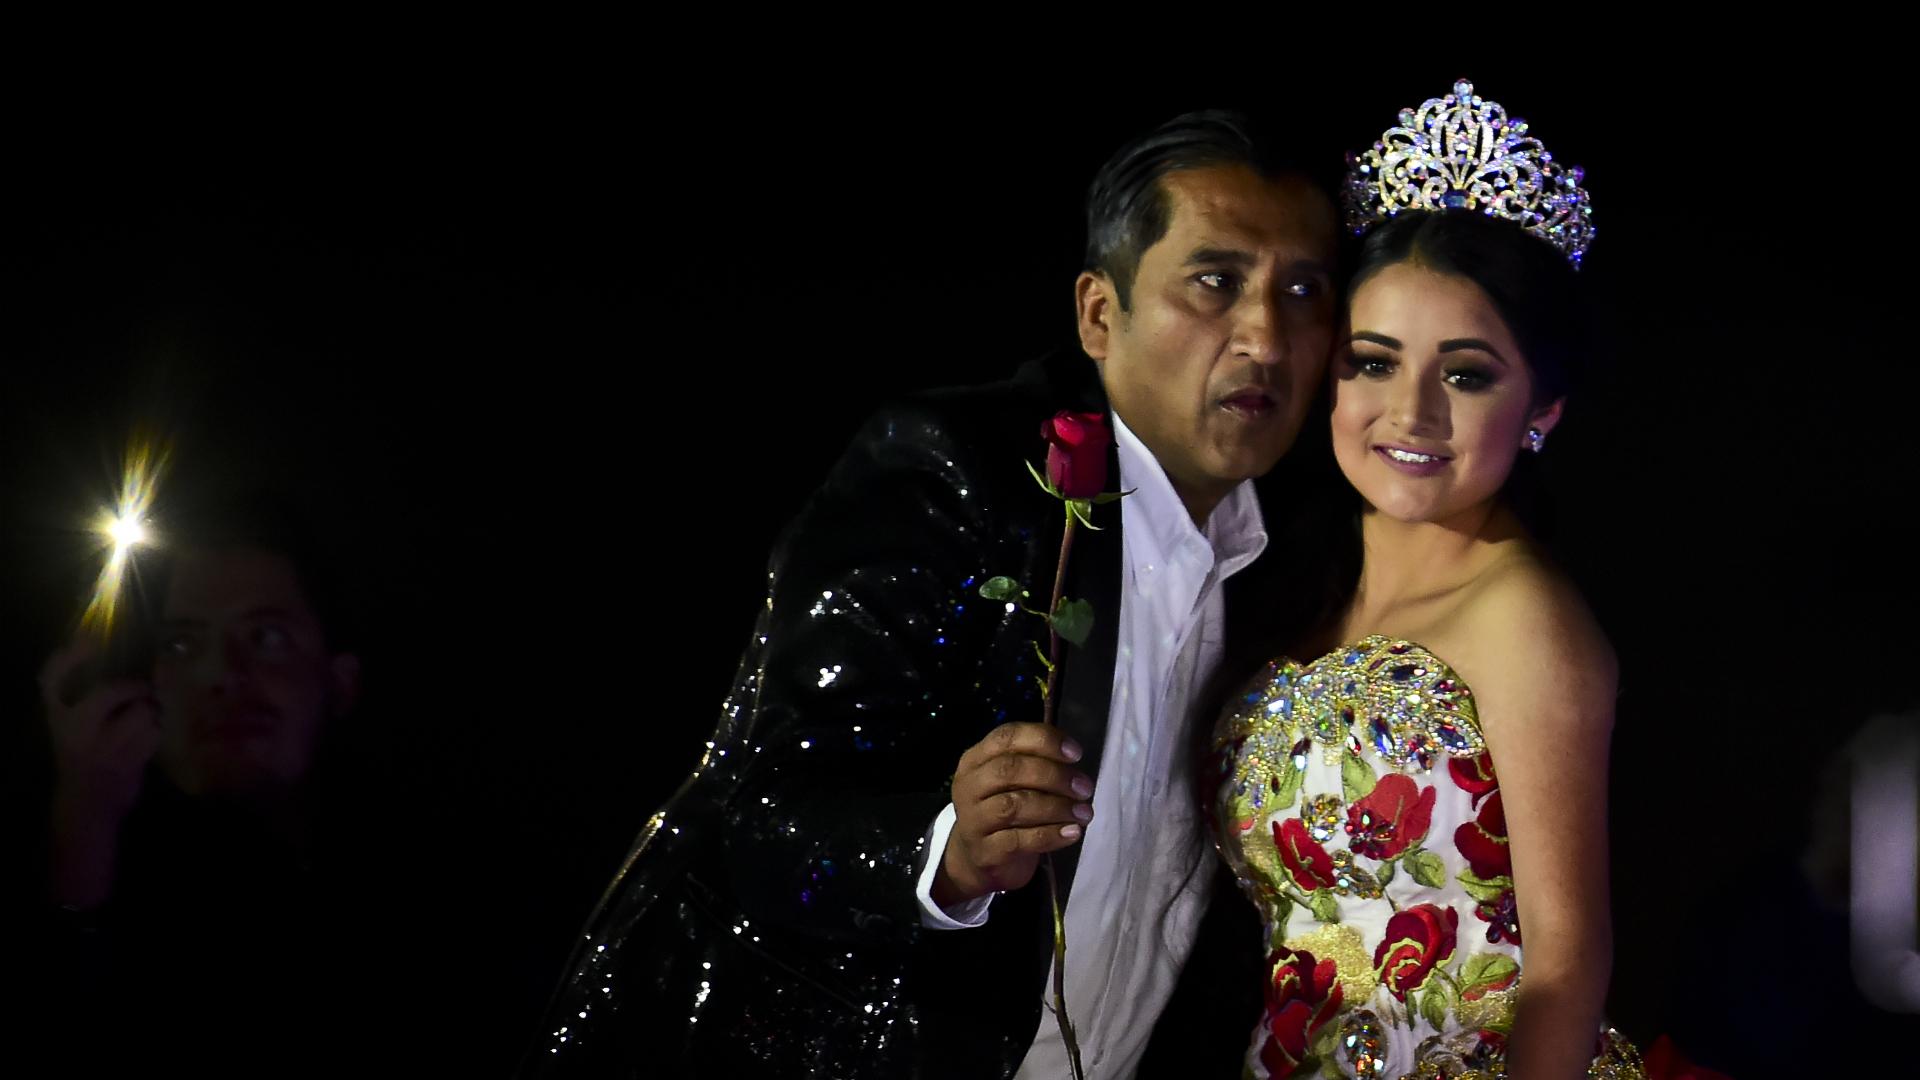 El festejo de Rubí que dio la vuelta al mundo. (Foto: AFP)